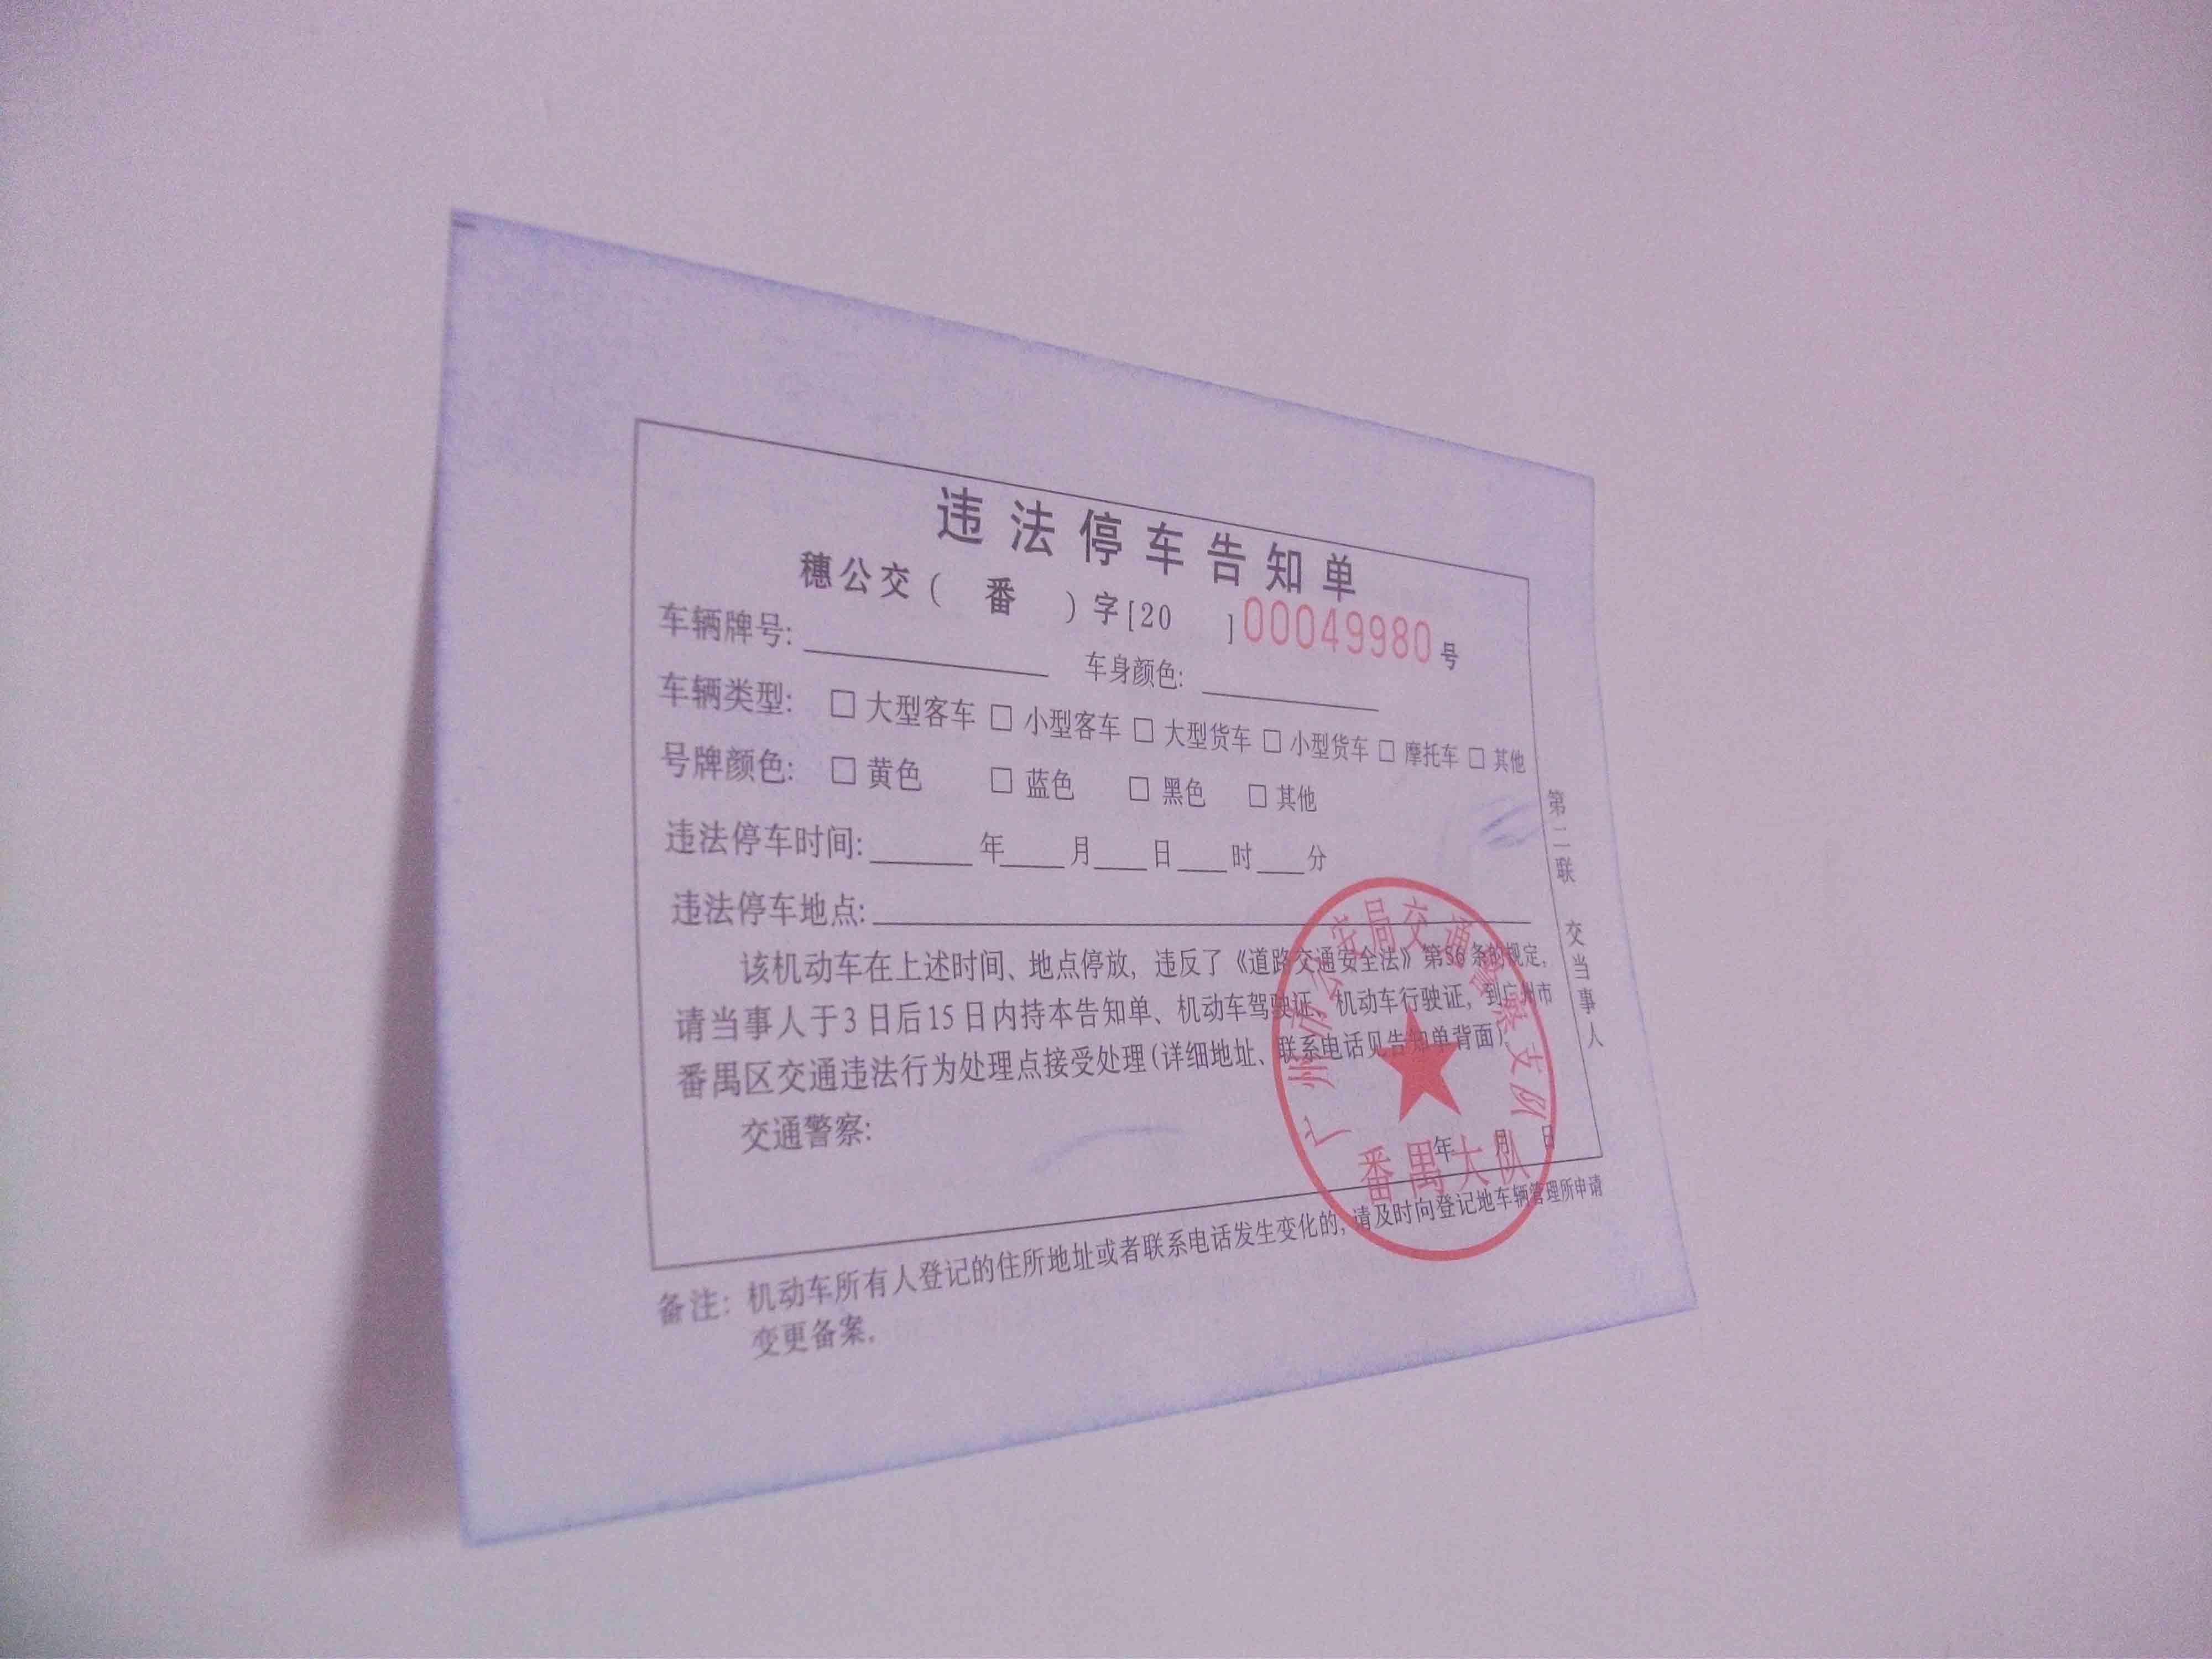 交通罚款告知单图片